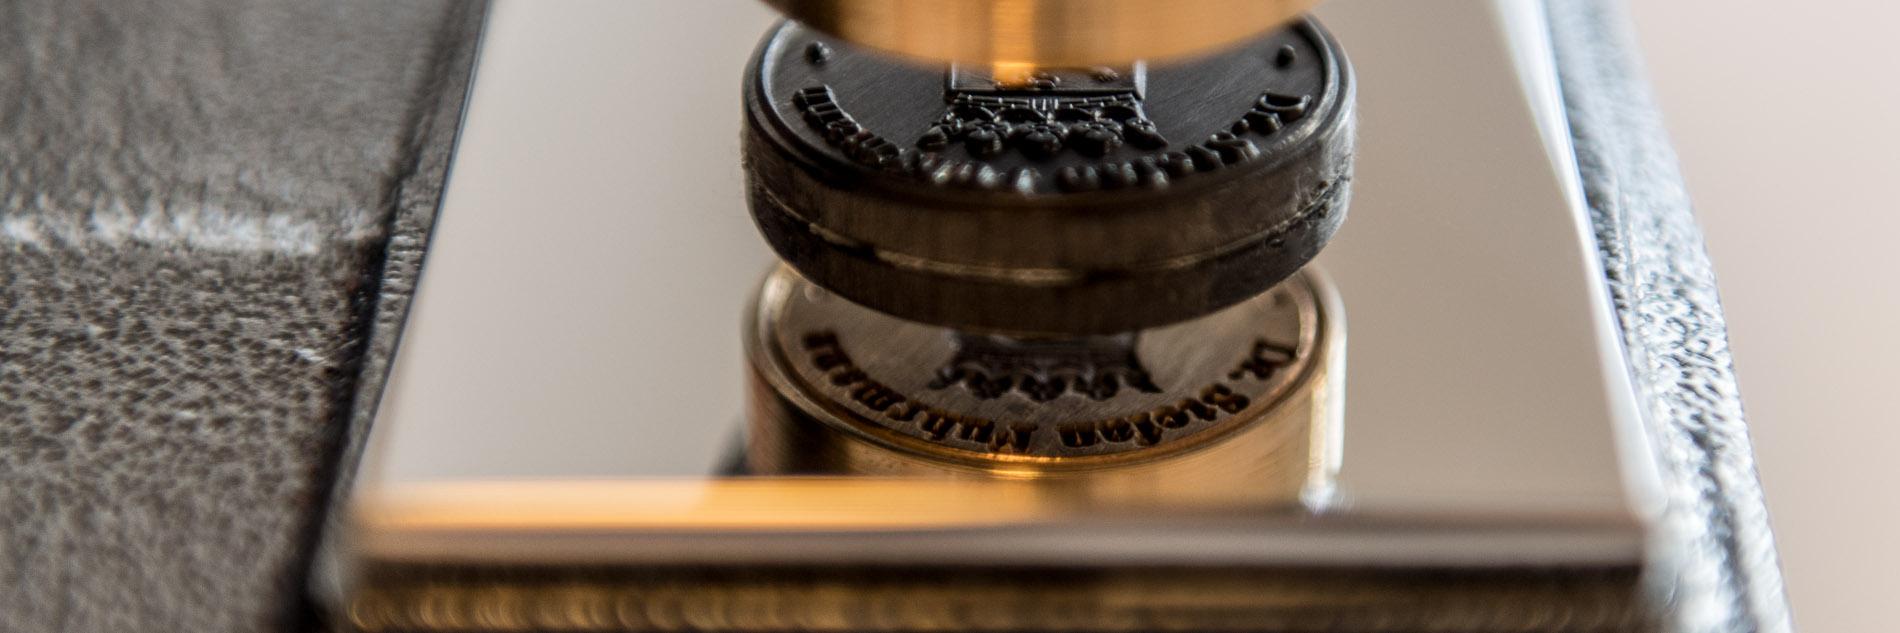 FUHRMANN Rechtsanwälte - Notariat